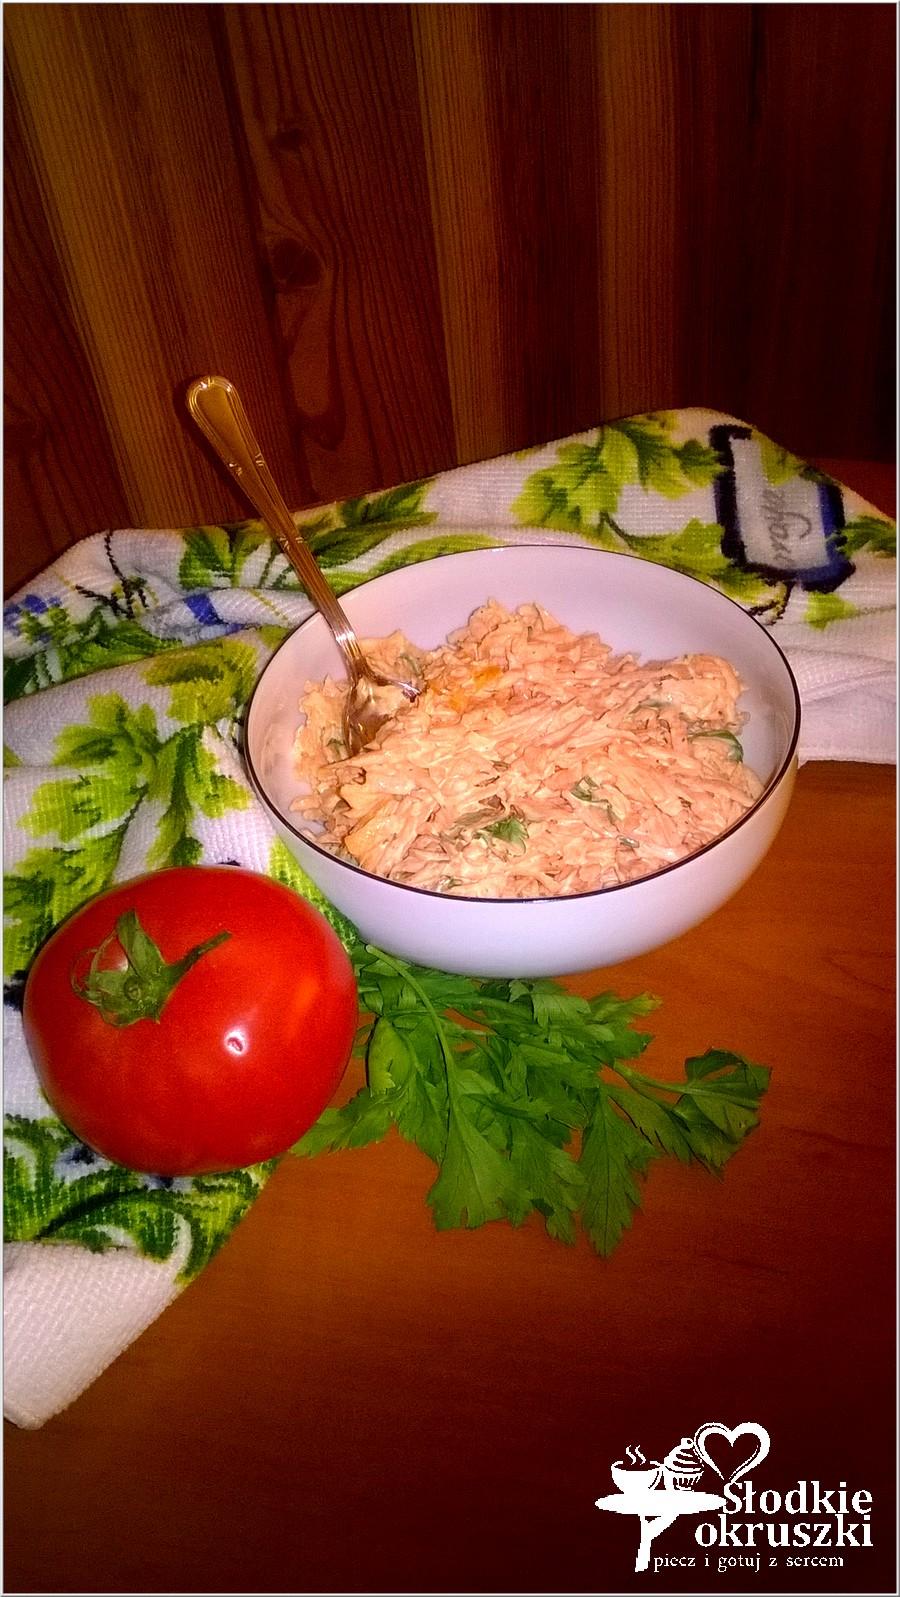 Szybka surówka z marchewki i zielonej pietruszki (1)